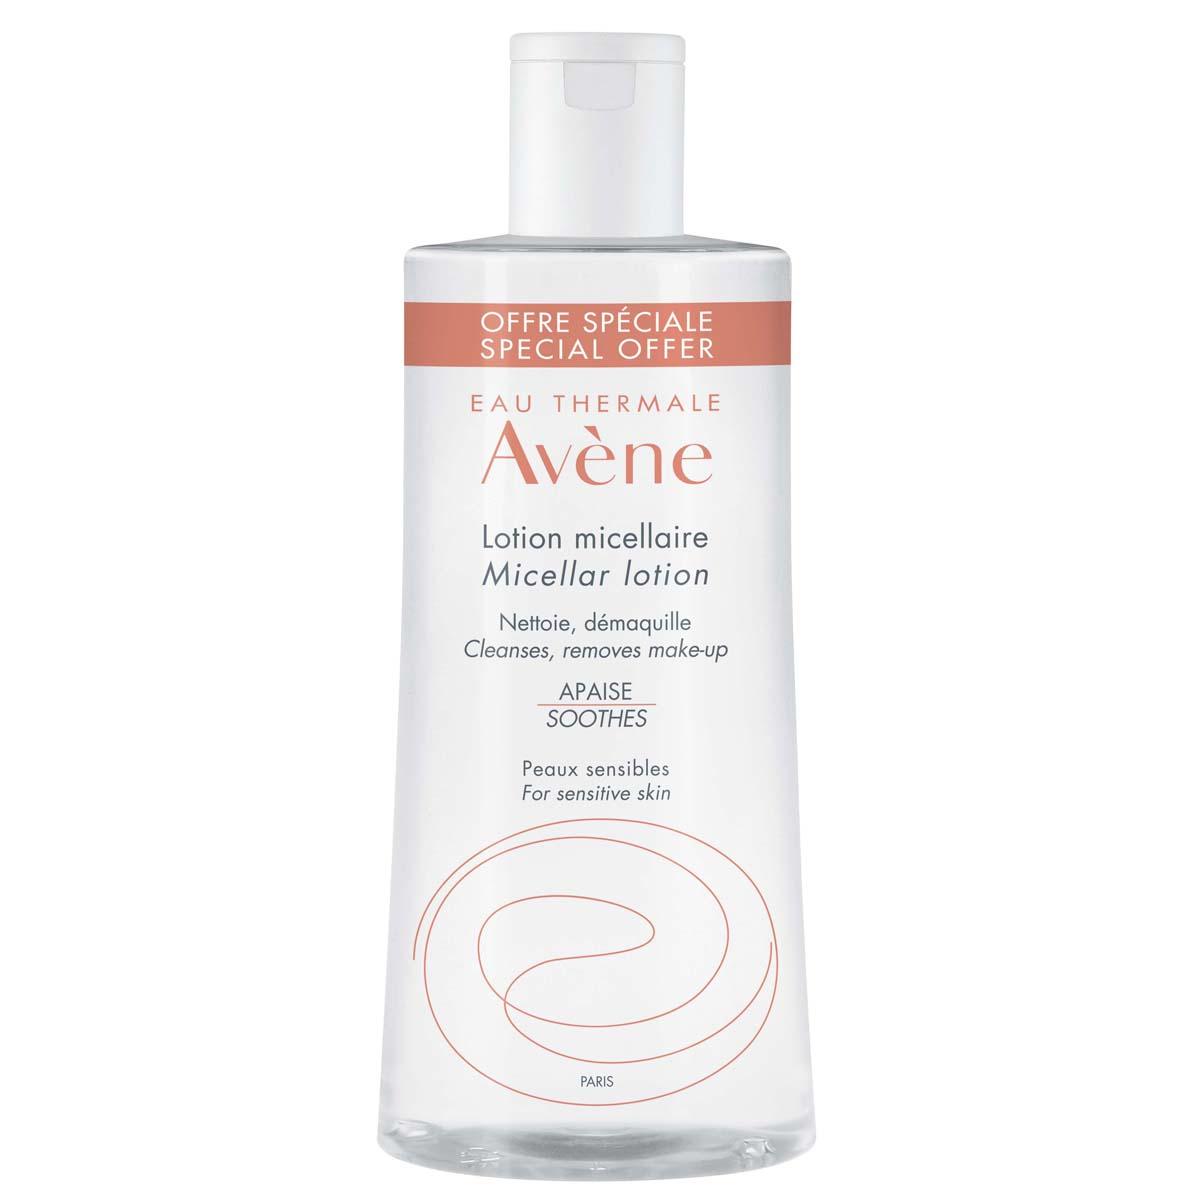 Avene Очищающий мицеллярный лосьон, 500 мл (Avene, Sensibles)